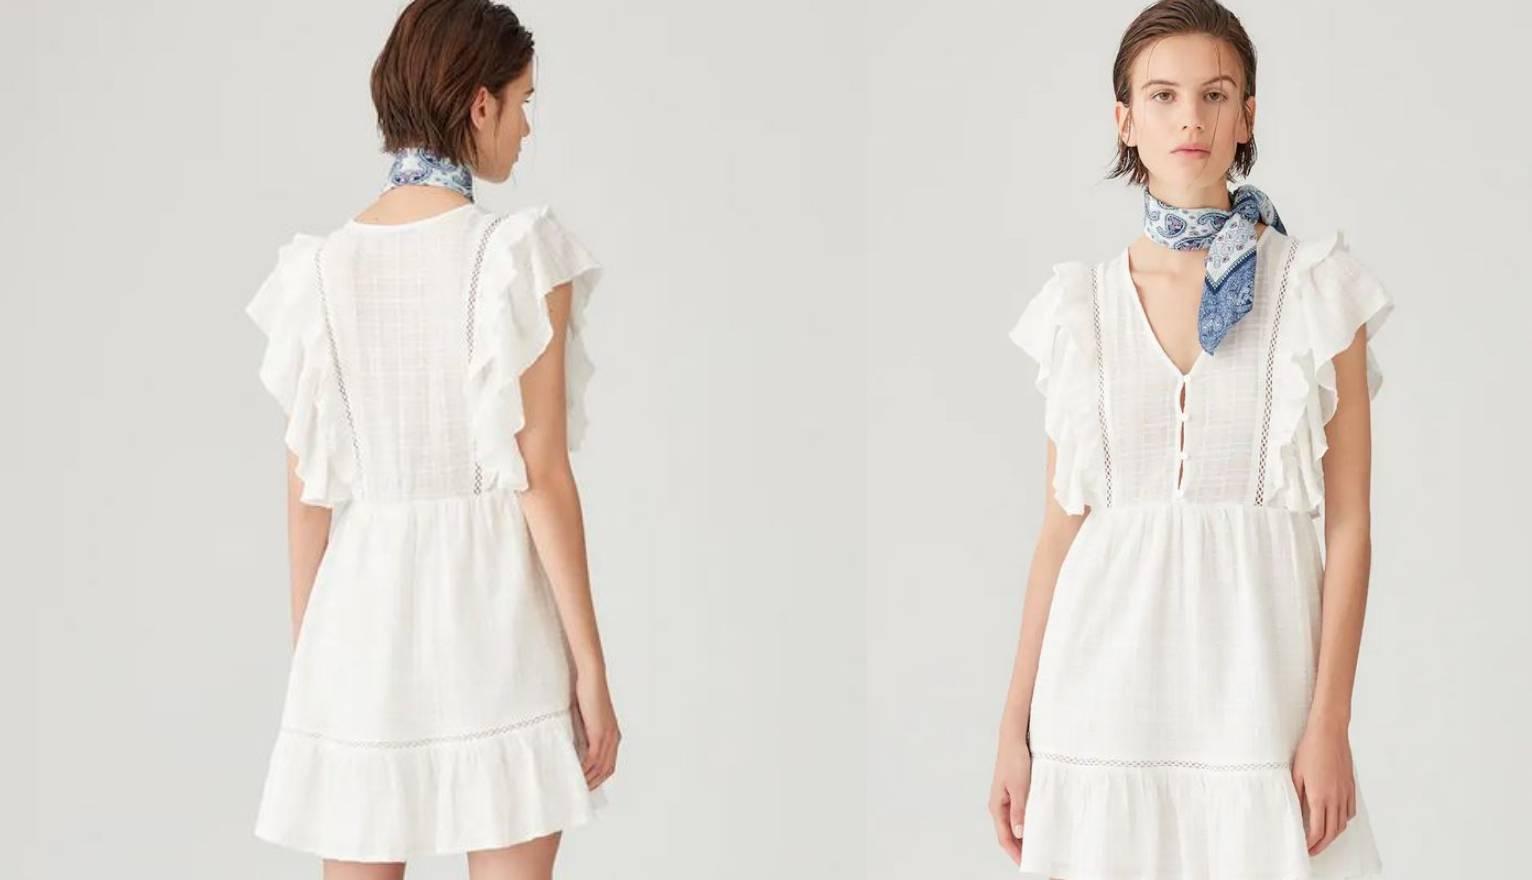 Lijepa bez boje: 10 divnih bijelih haljina za romantičarke u duši